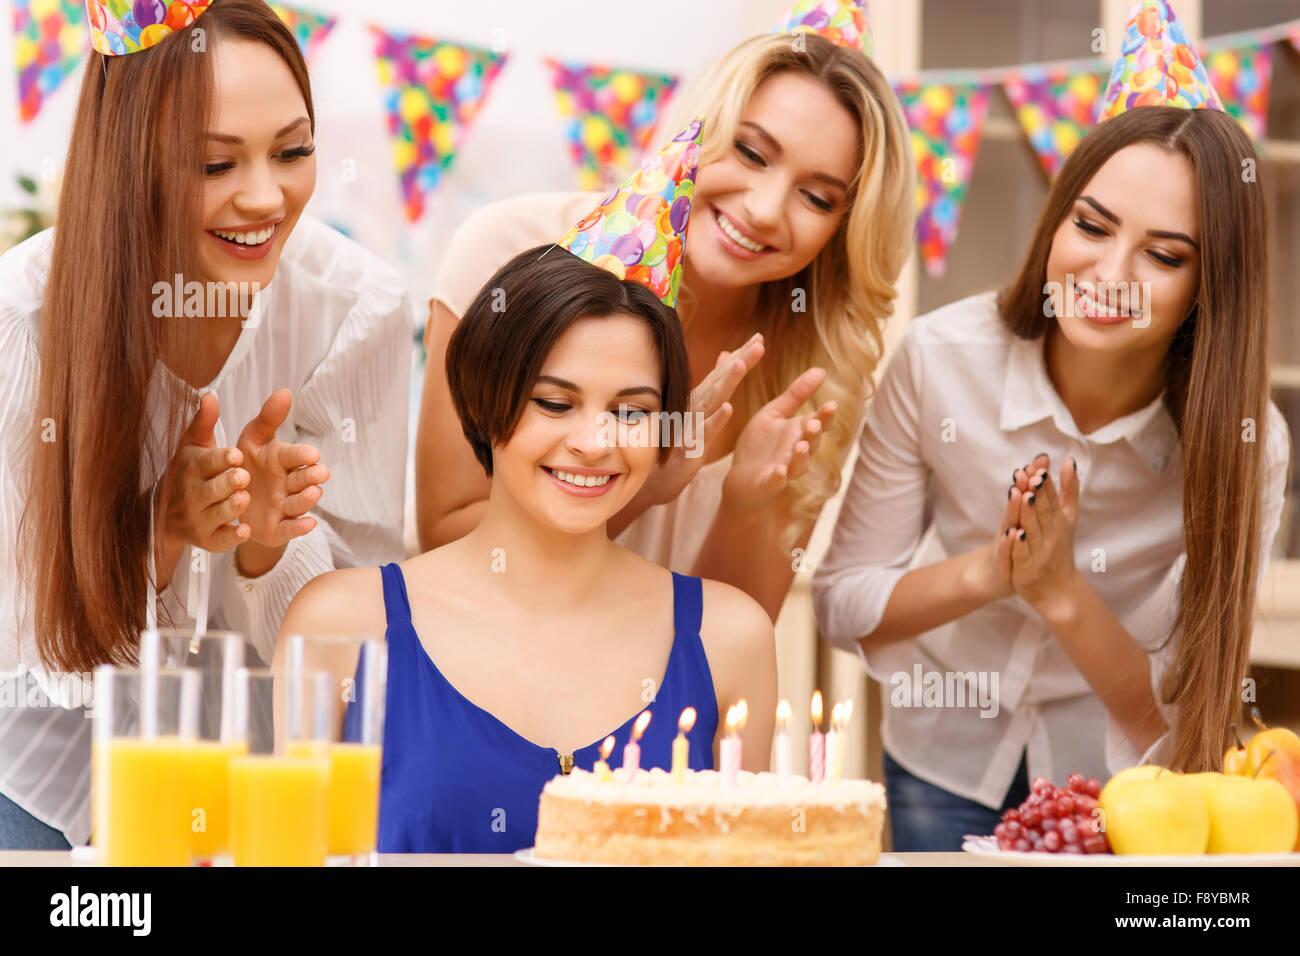 Pour fêter un anniversaire. Photo Stock